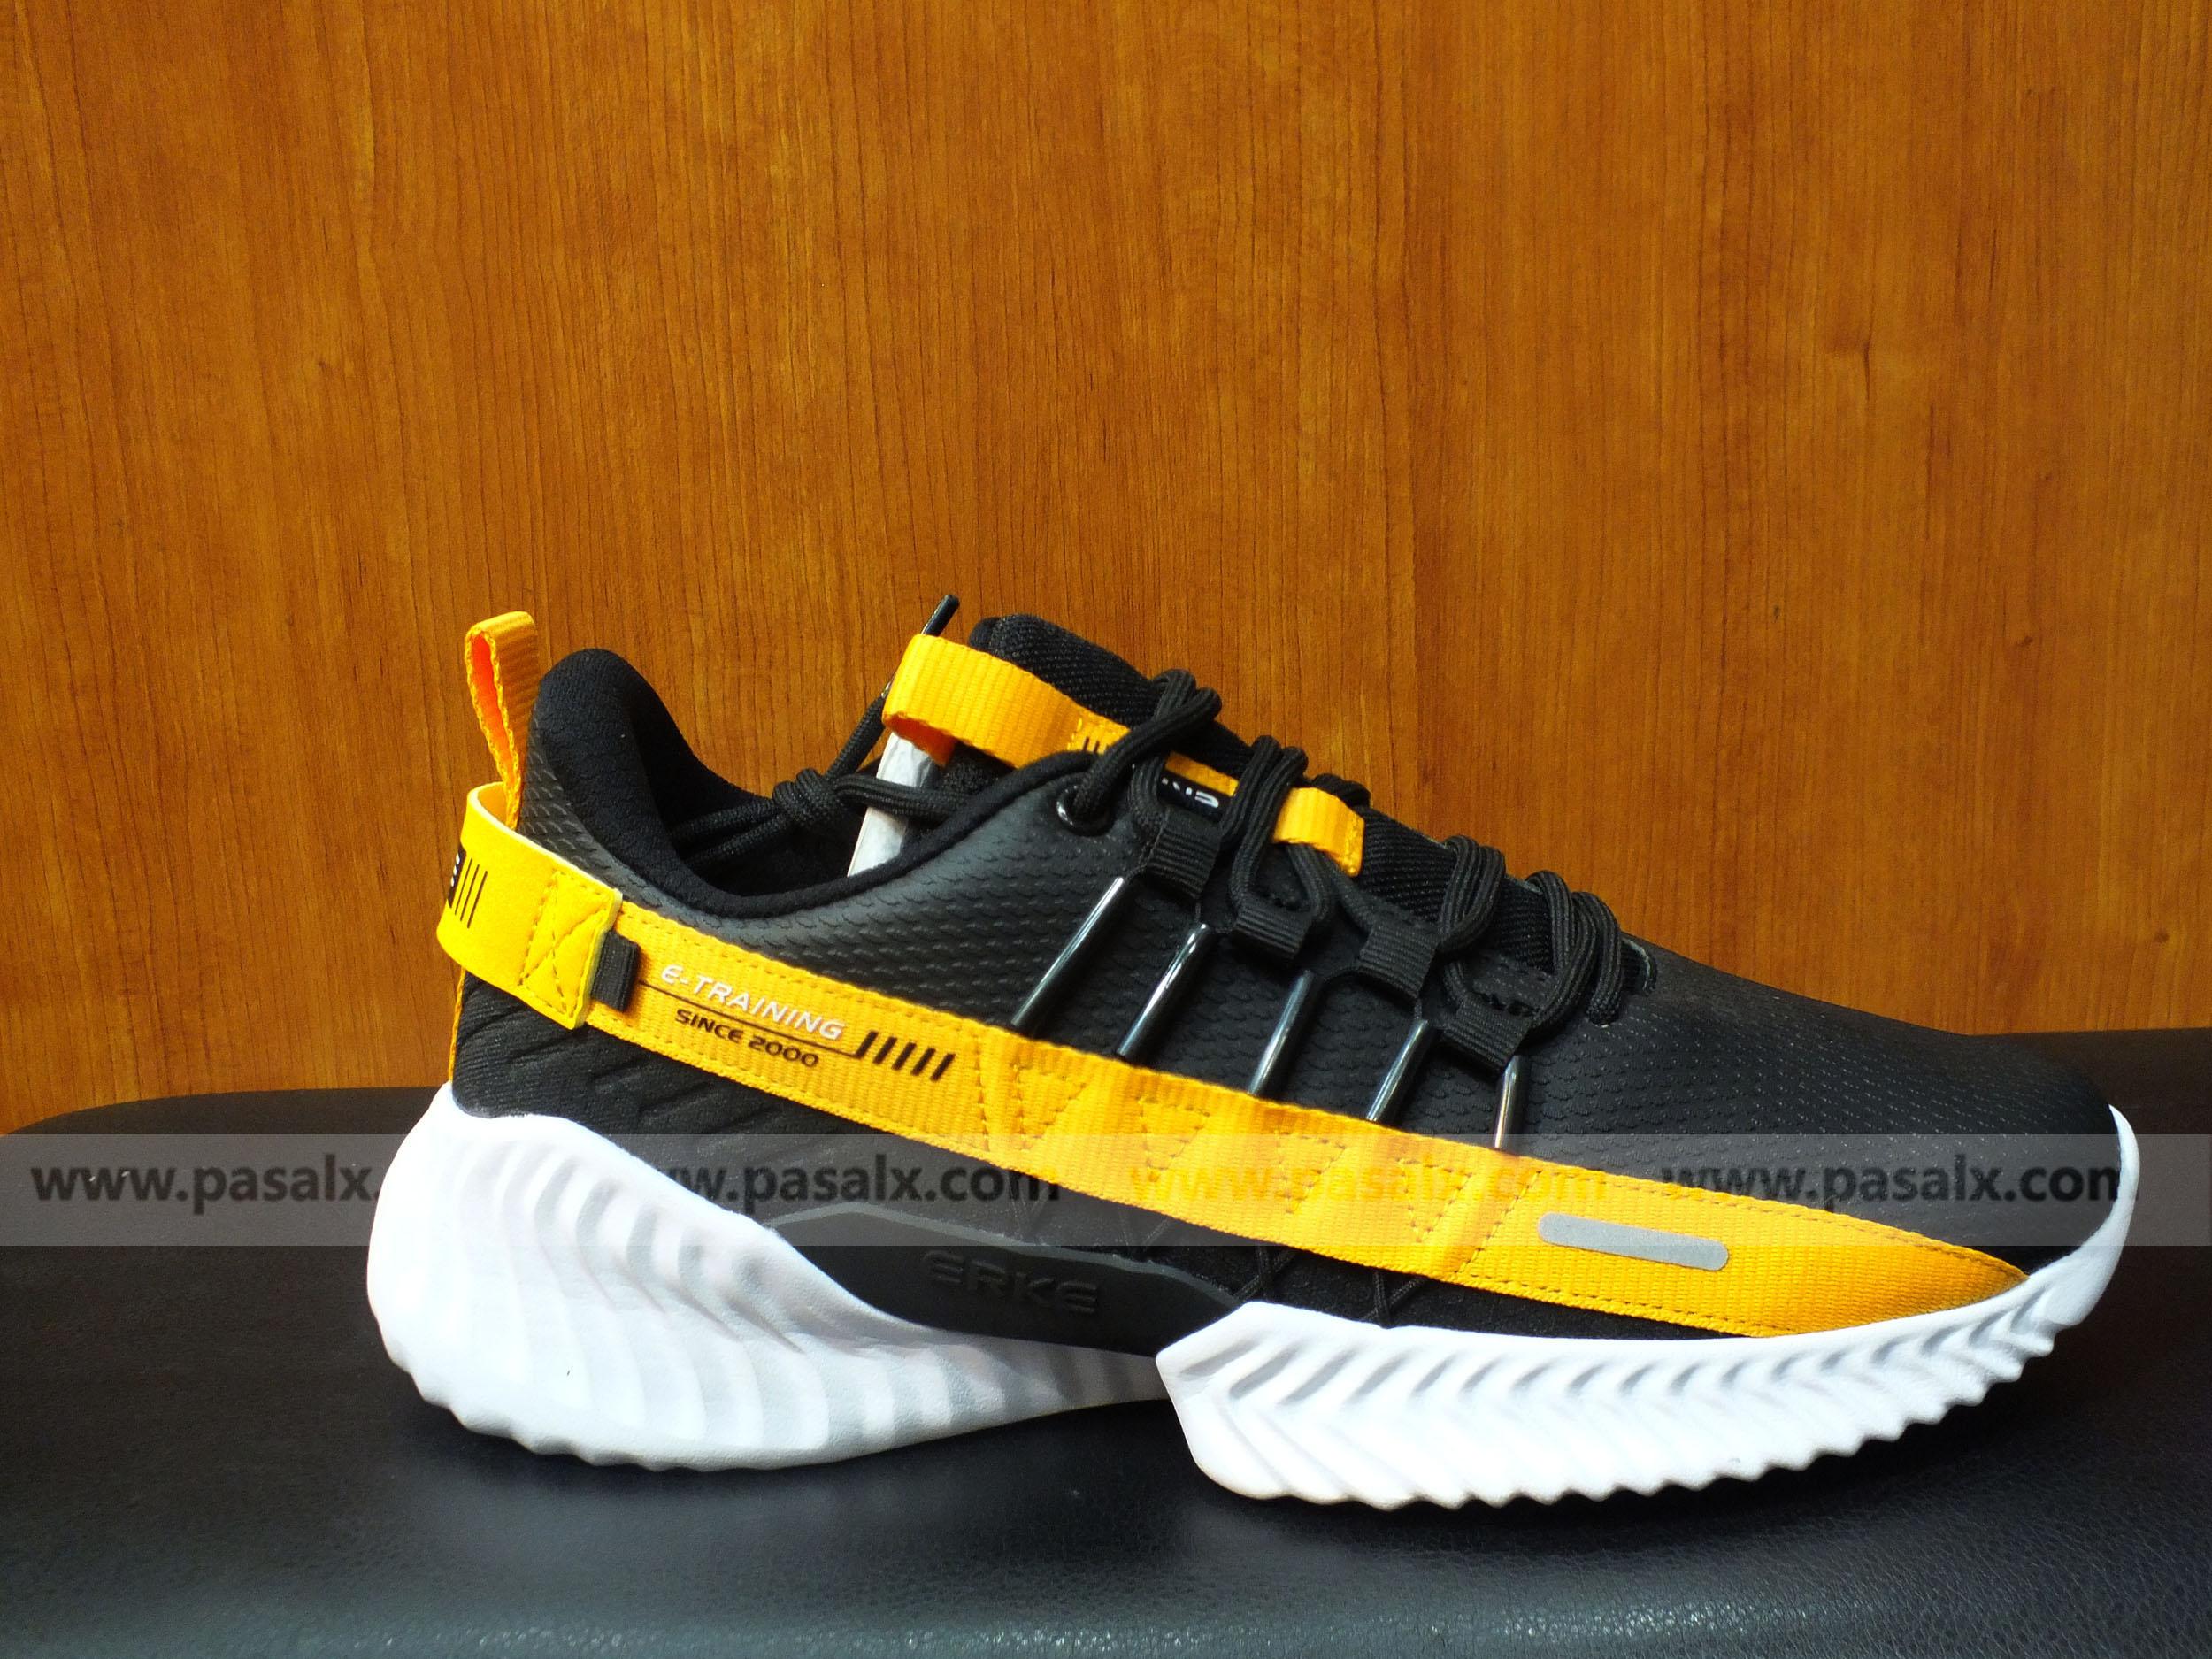 ERKE Black & Yellow Training Shoes For Men- 11119414510-003